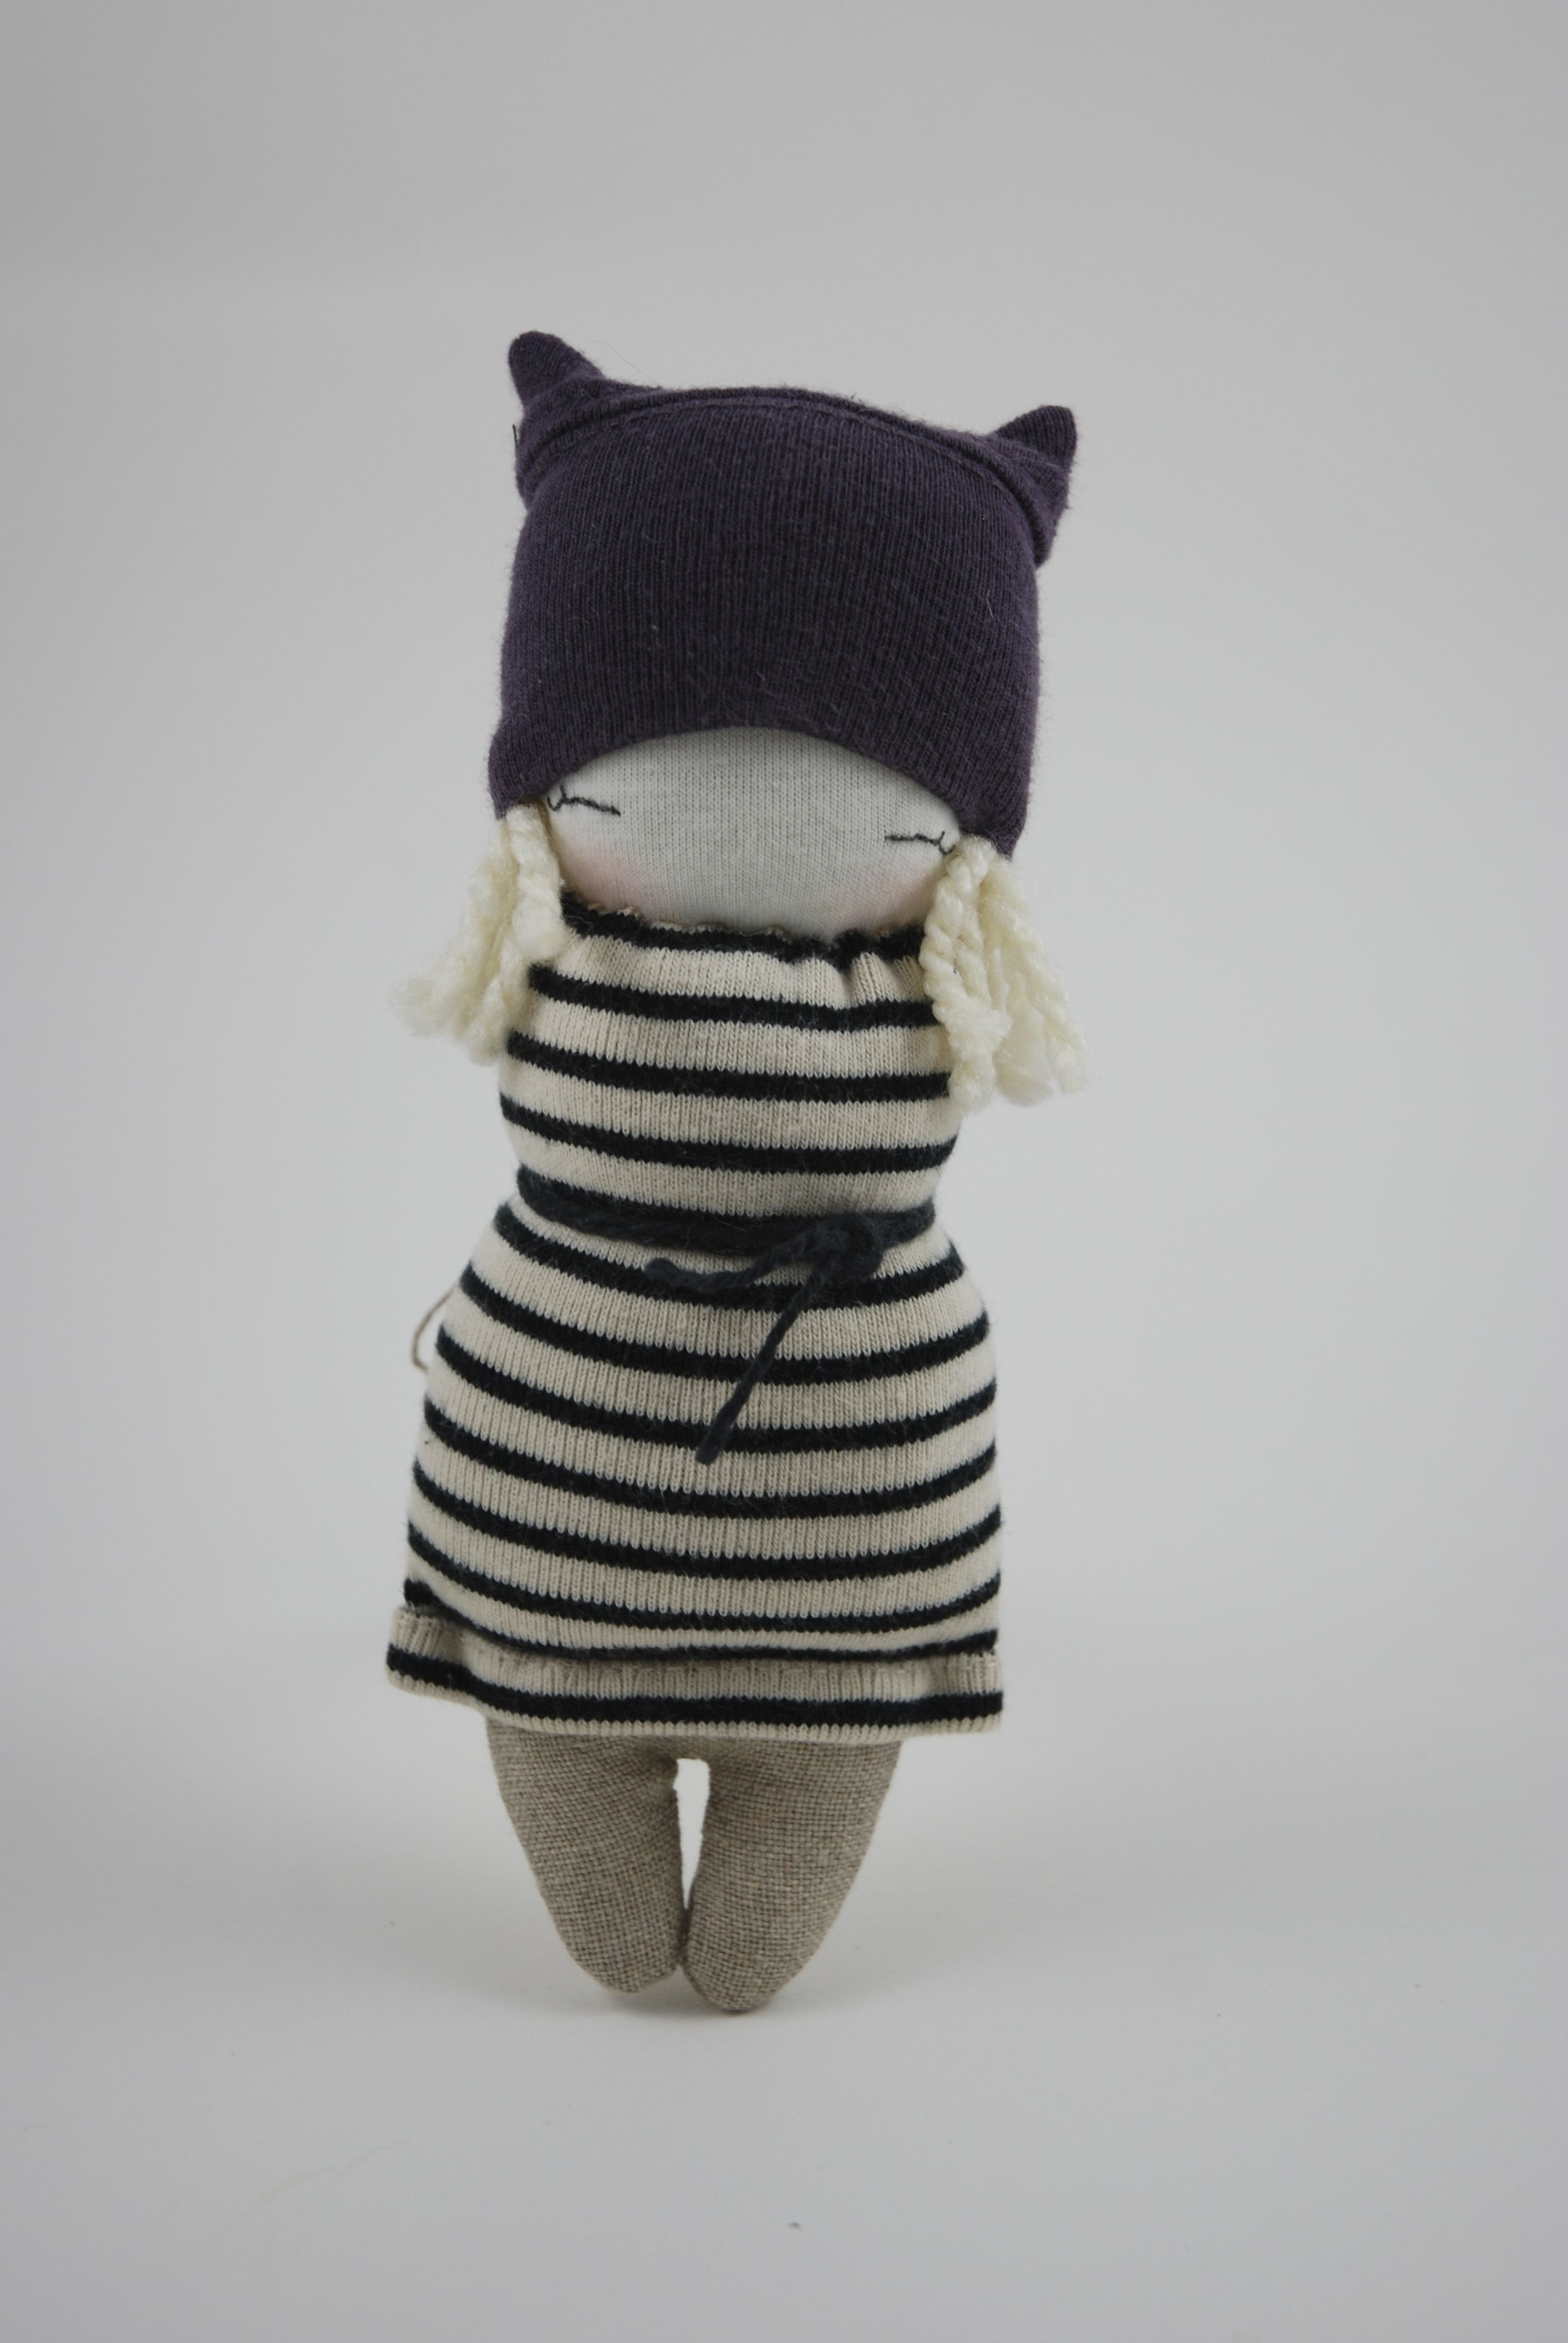 Muc-Muc doll | dzieci | Pinterest | Sockenpuppen, Sockentiere und Puppen